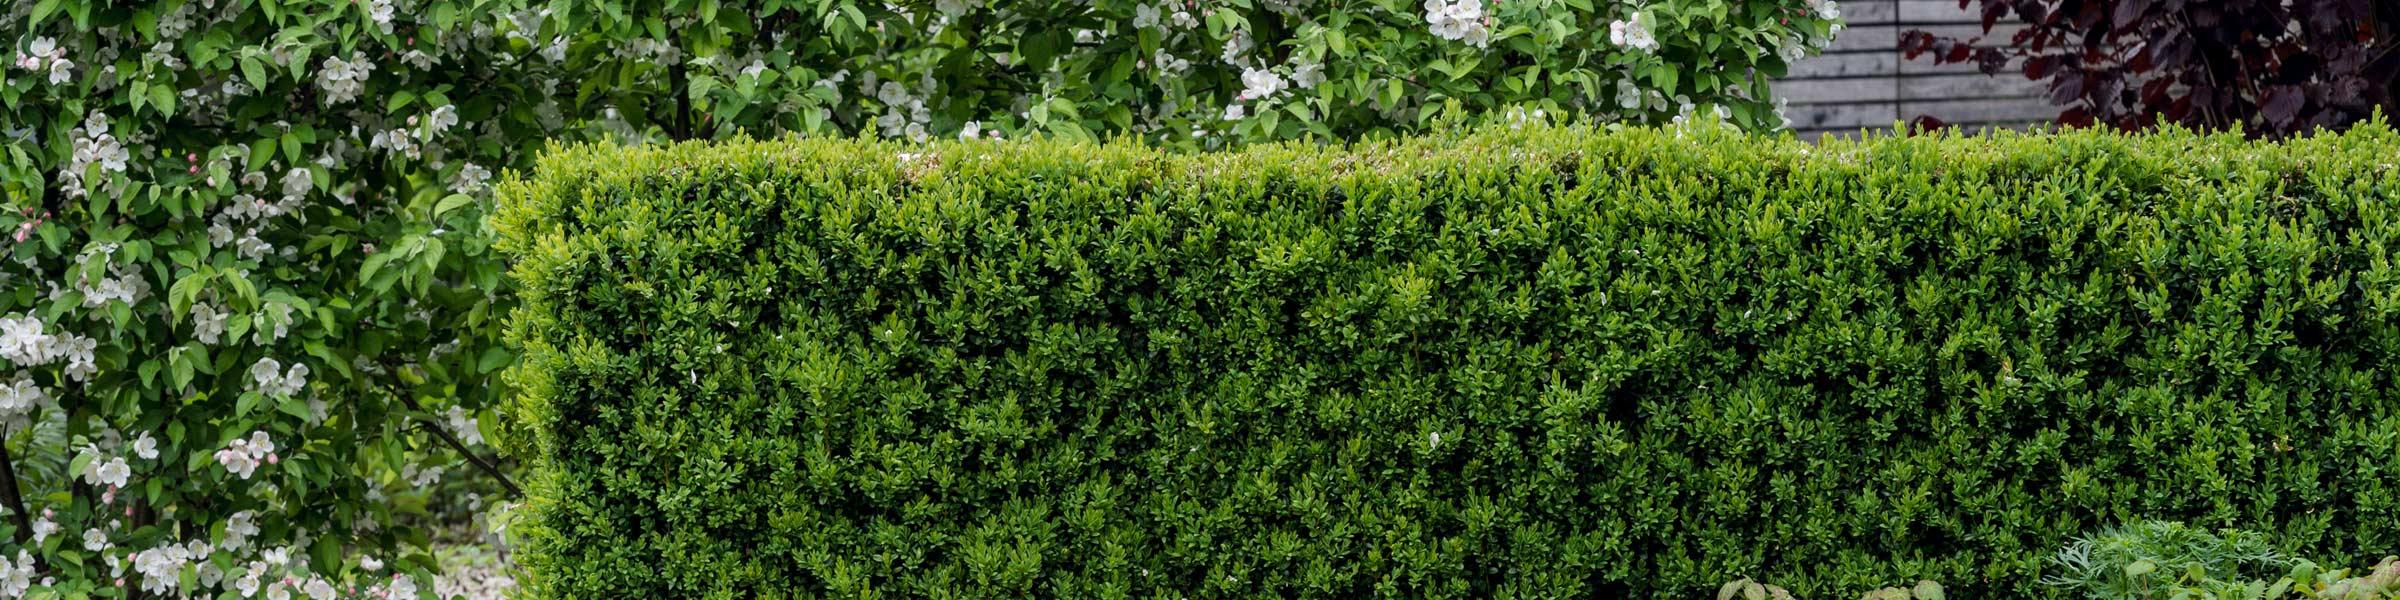 Heckenpflanzen: Pflegeleichter Sichtschutz | Dehner